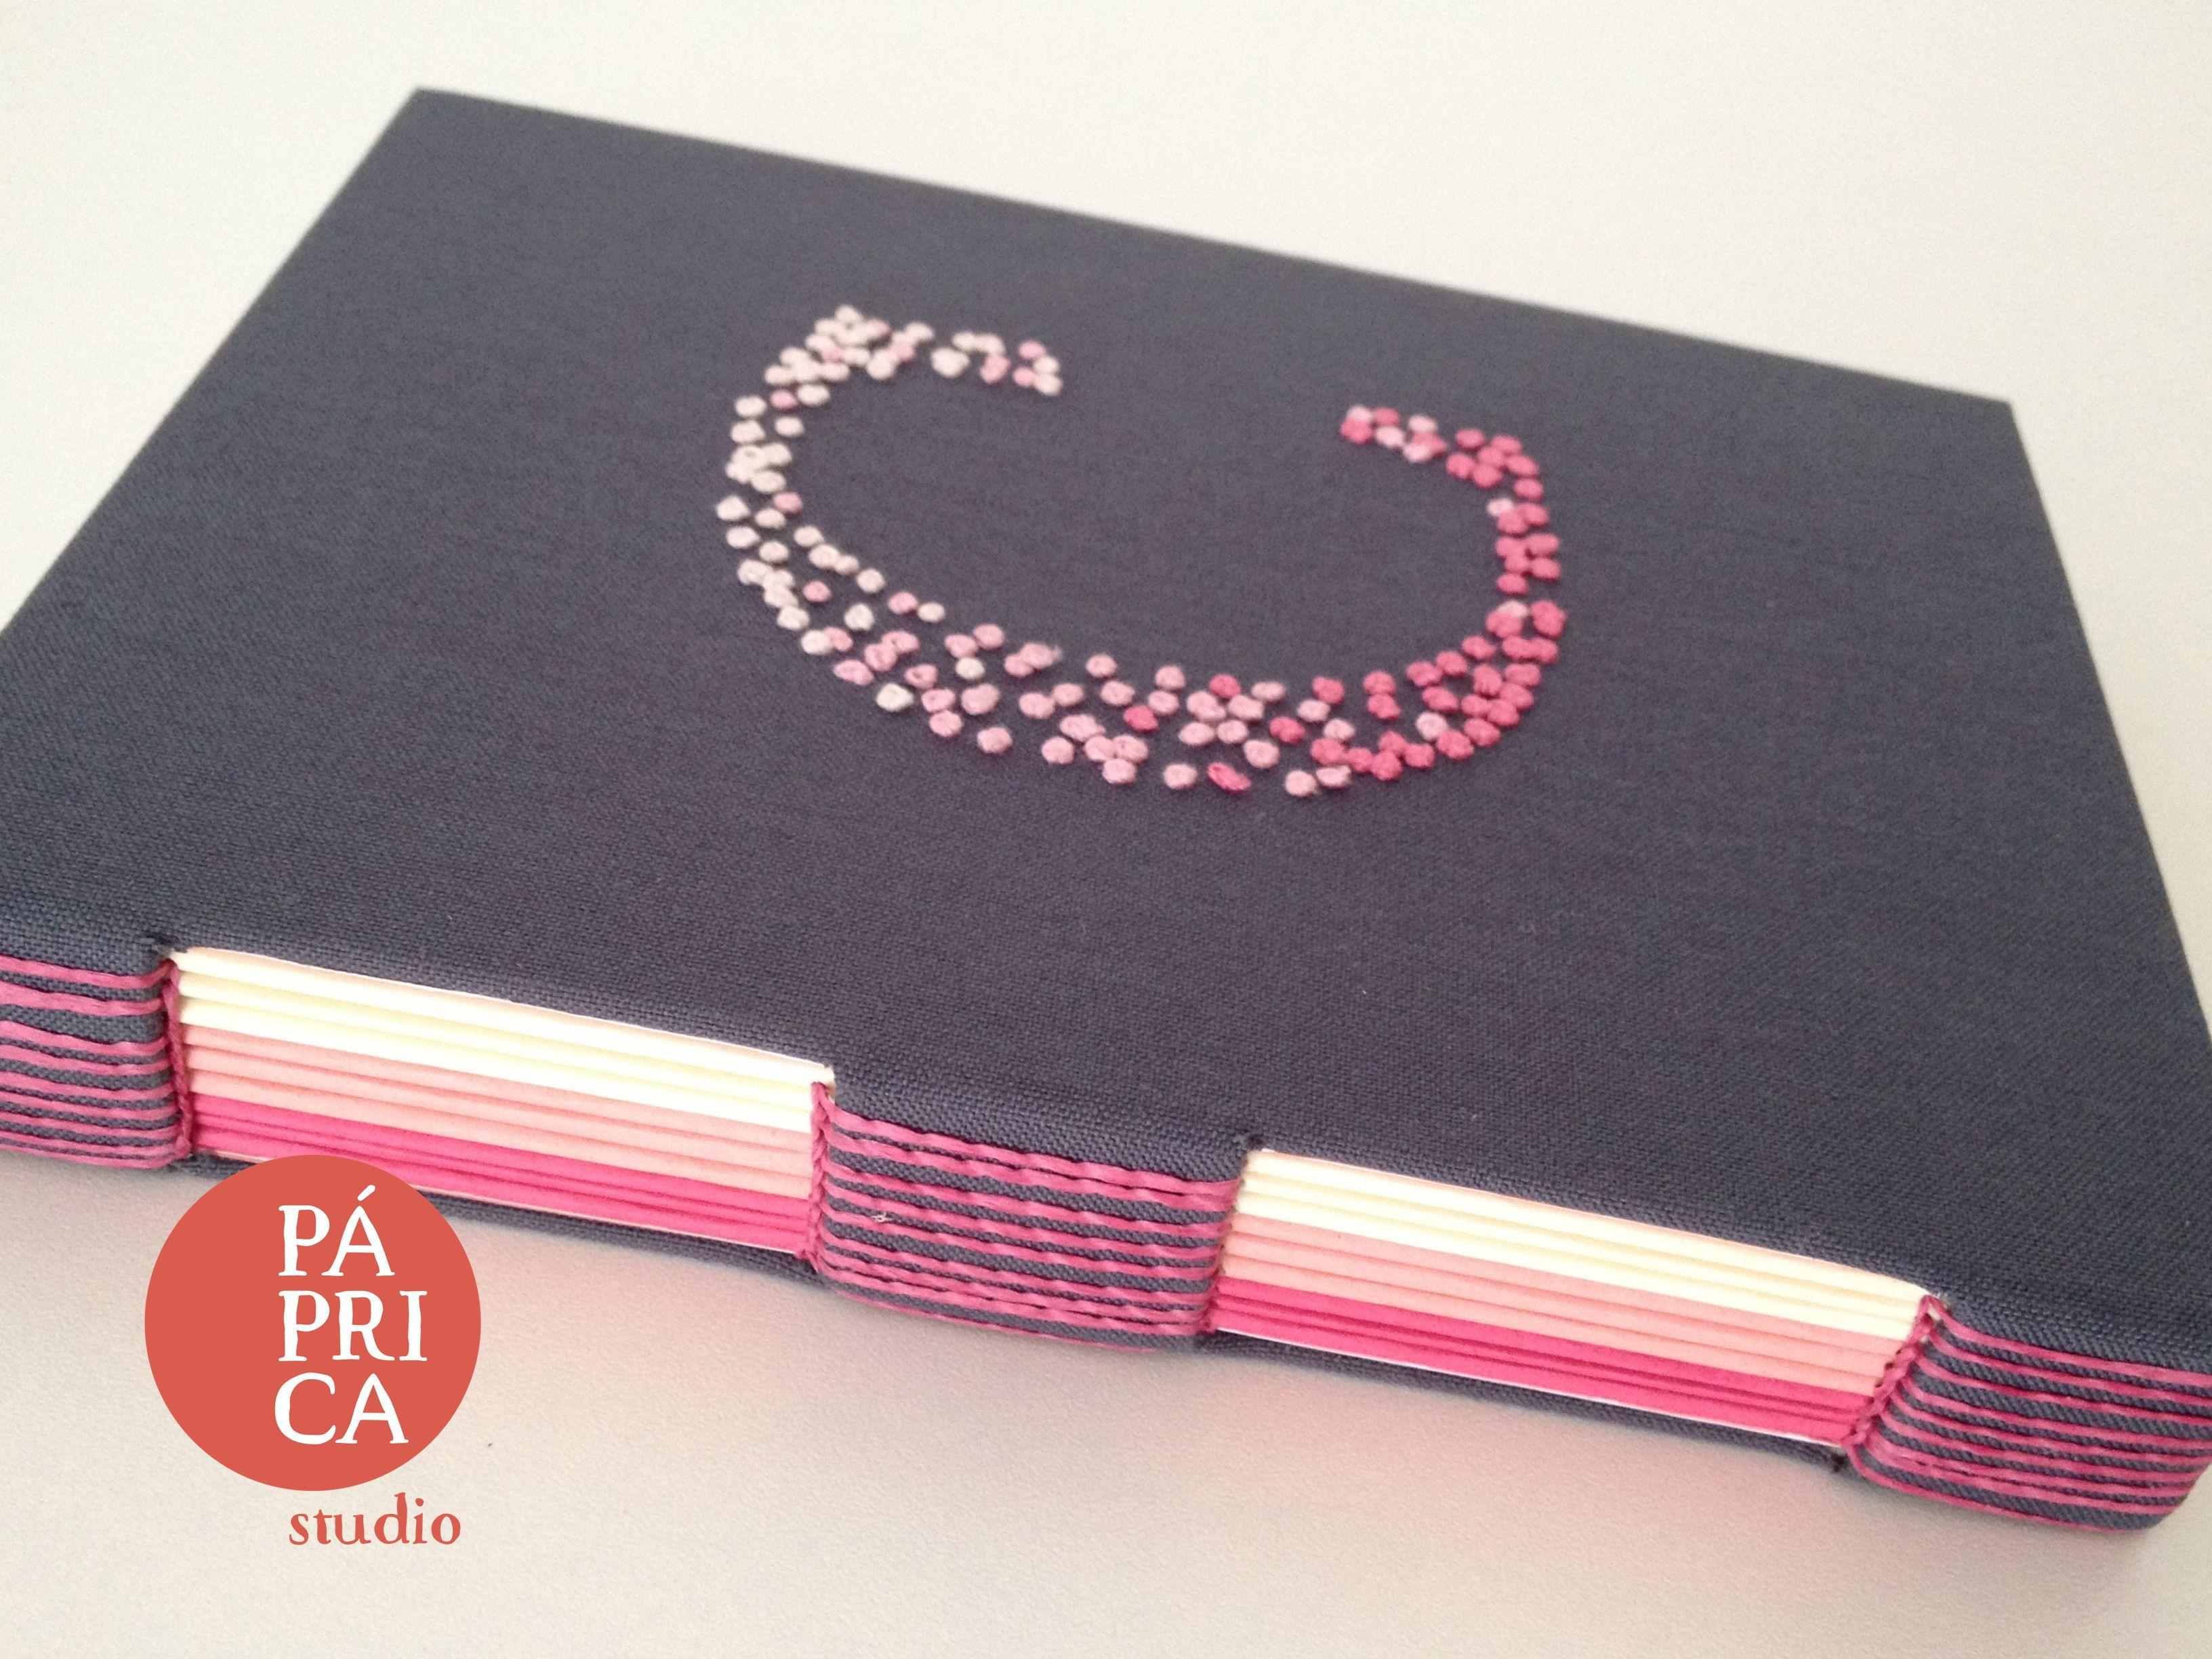 livro bordado da Carol - studio Páprica